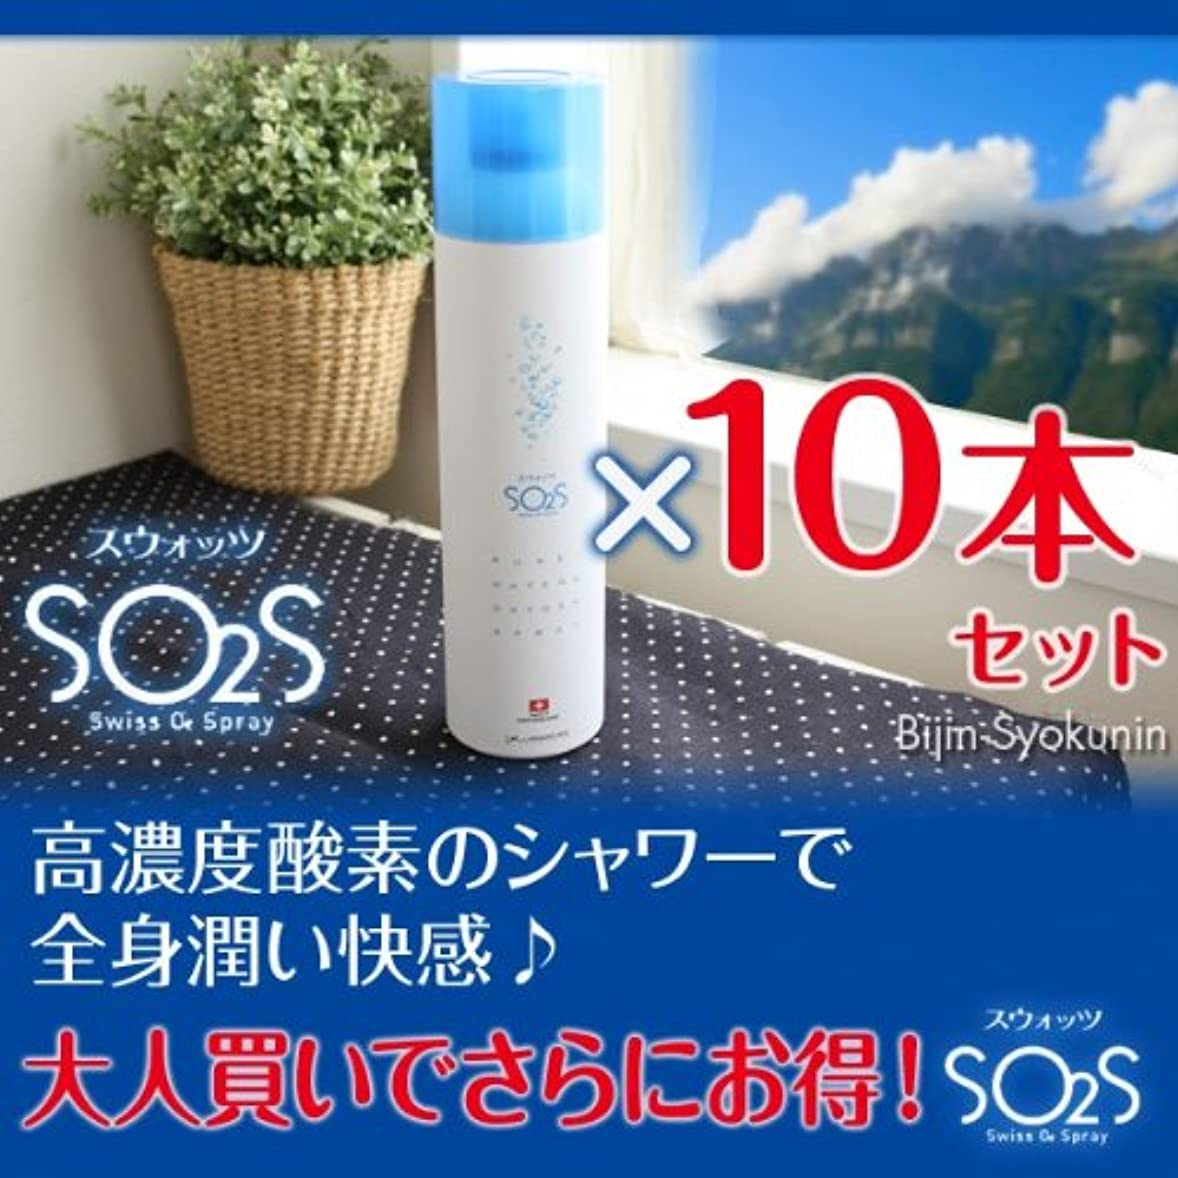 気をつけて満足ハシースウォッツ (300ml) 10本セット【SO2S】